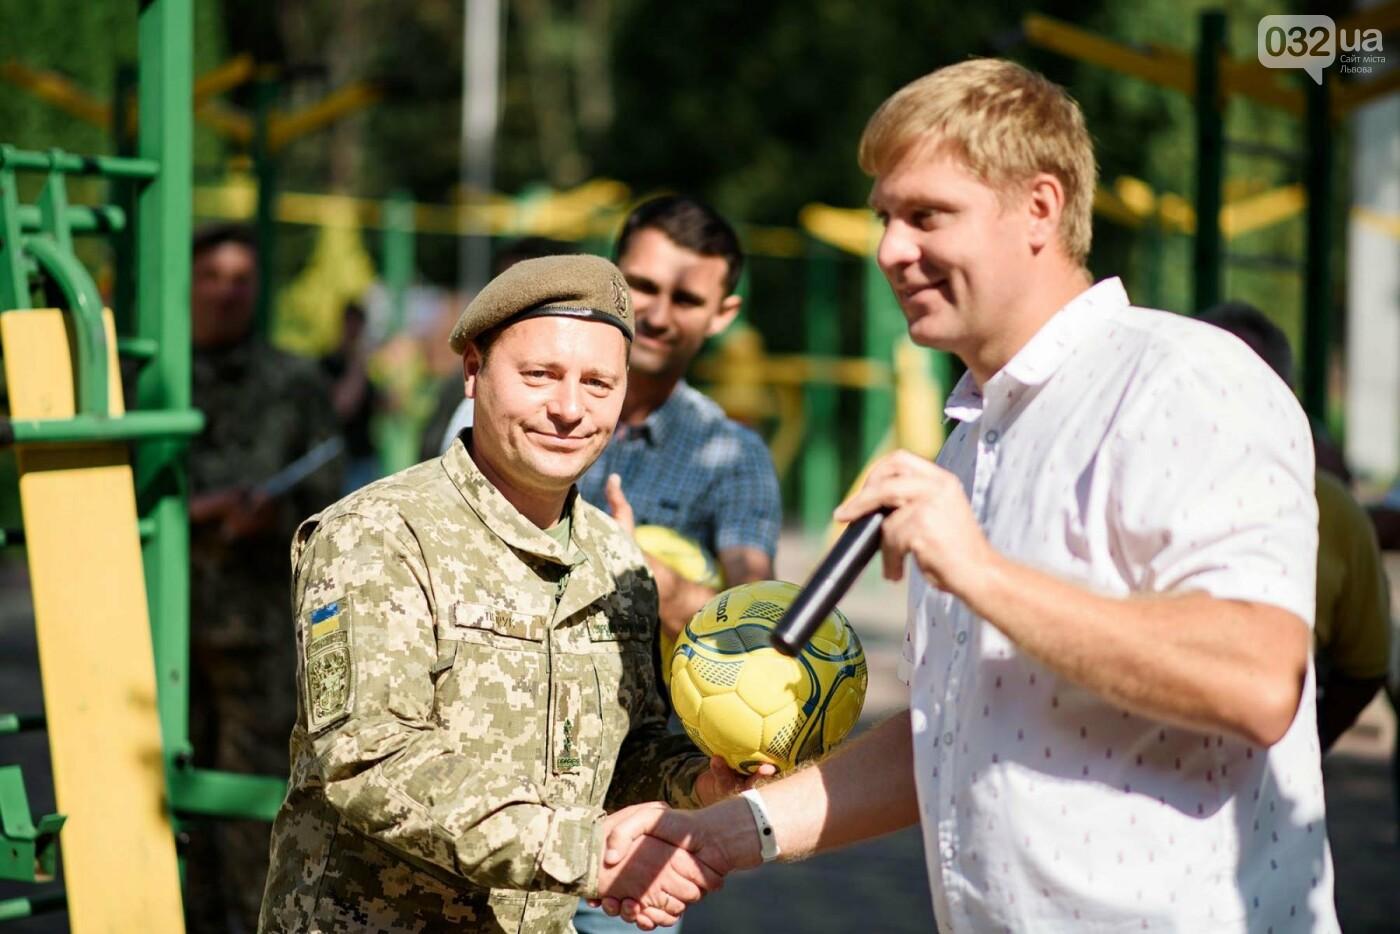 240 студентів Львівщини одночасно підтягнулися на турніках, фото-9